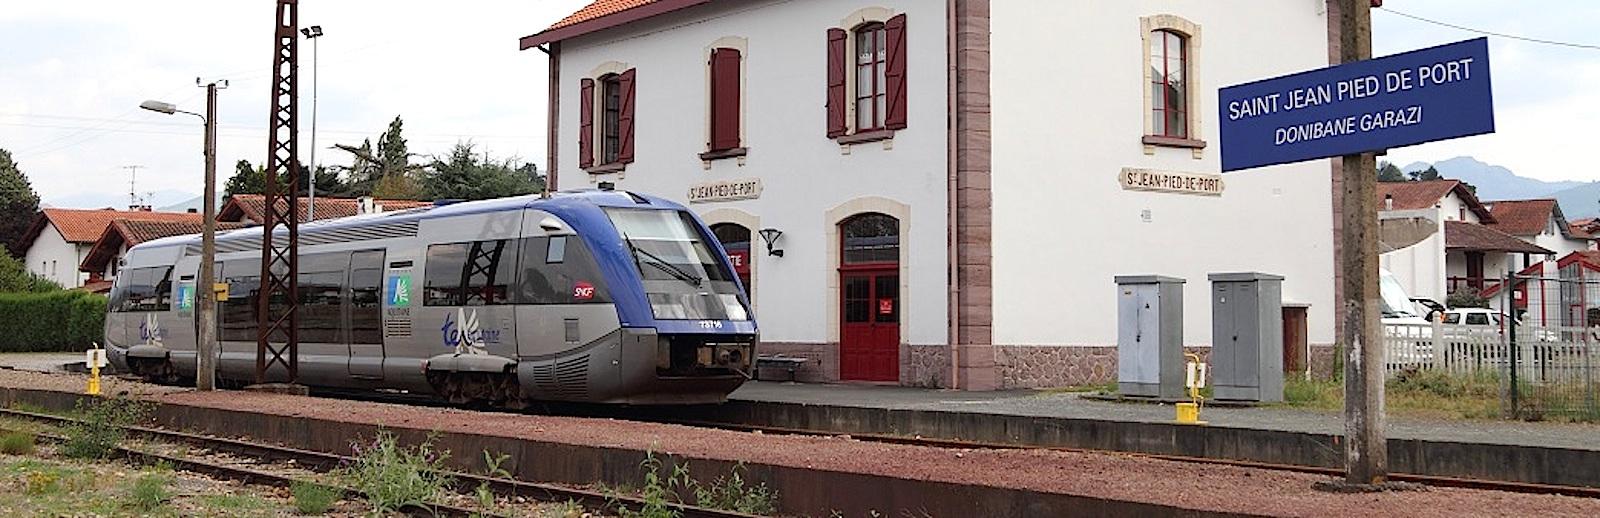 Вокзал Сен-Жана